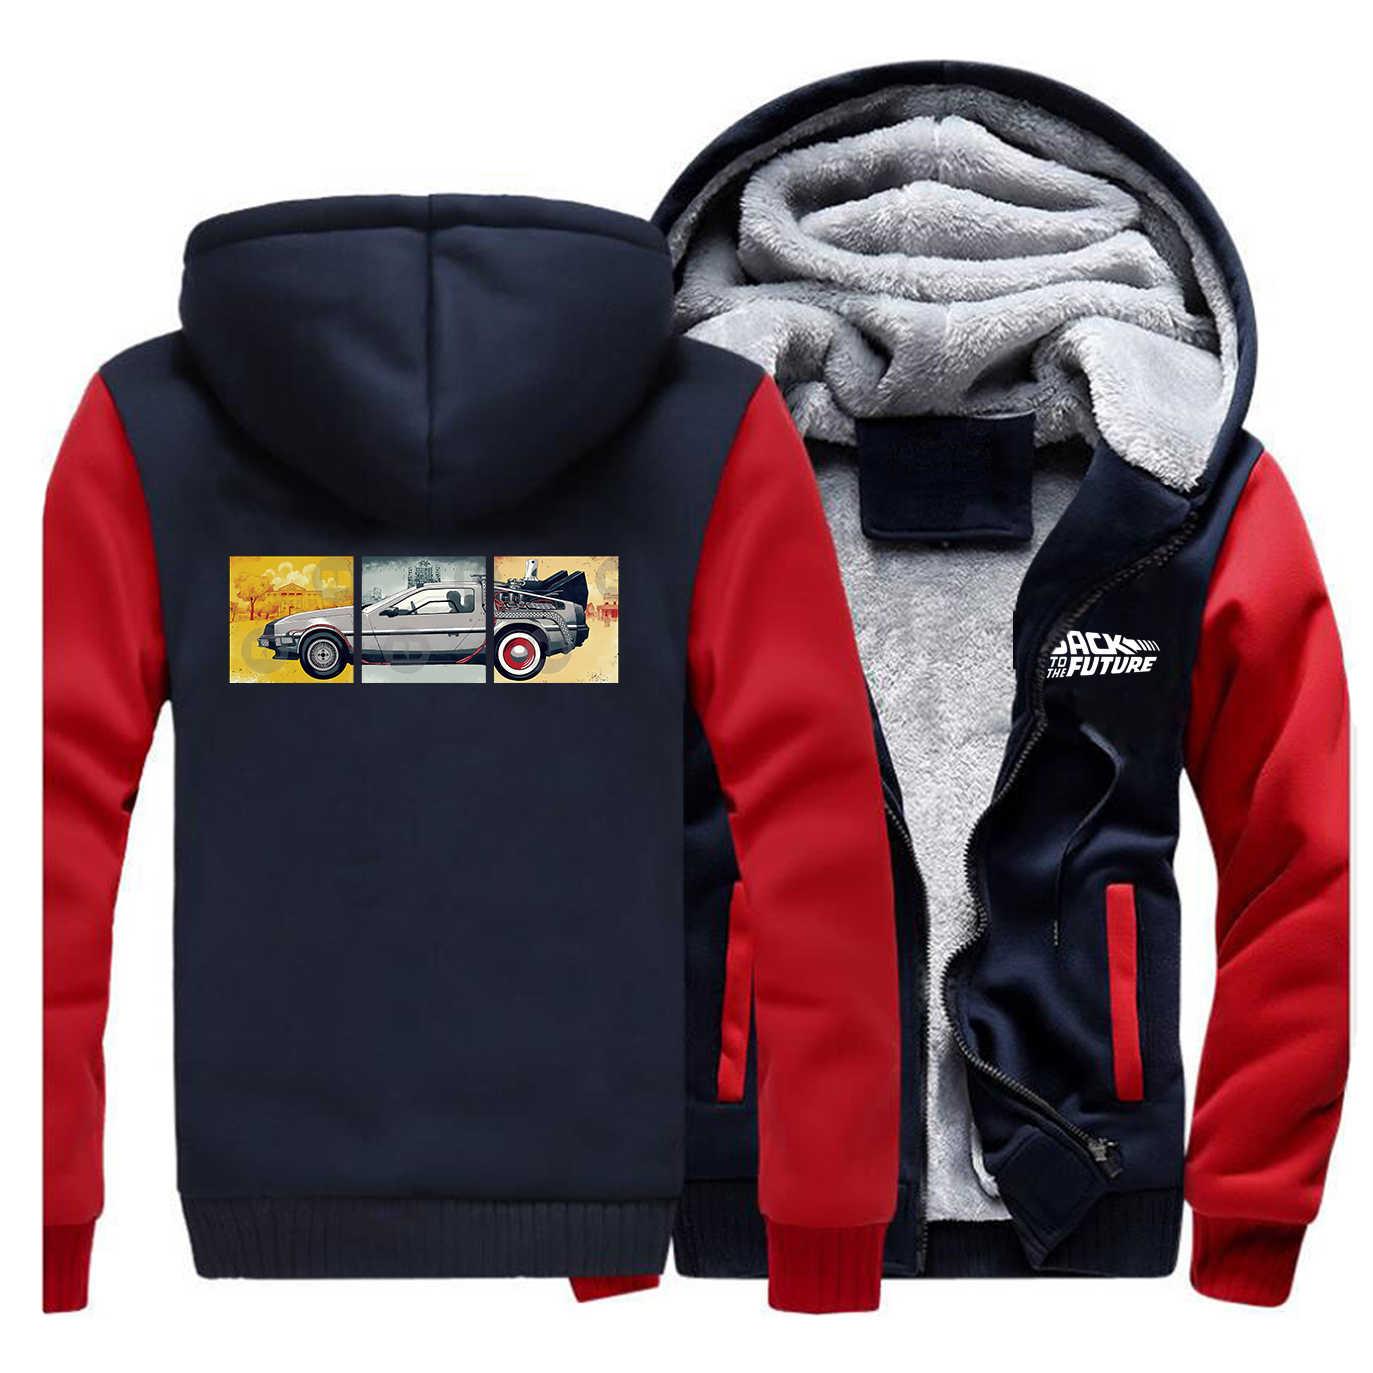 Terug Naar De Toekomst Jas Winter De Auto Mannen Dikke Warme Fleece Jas 2020 Mannelijke Dikker Jassen Sportkleding Streetweat Hoodie jassen